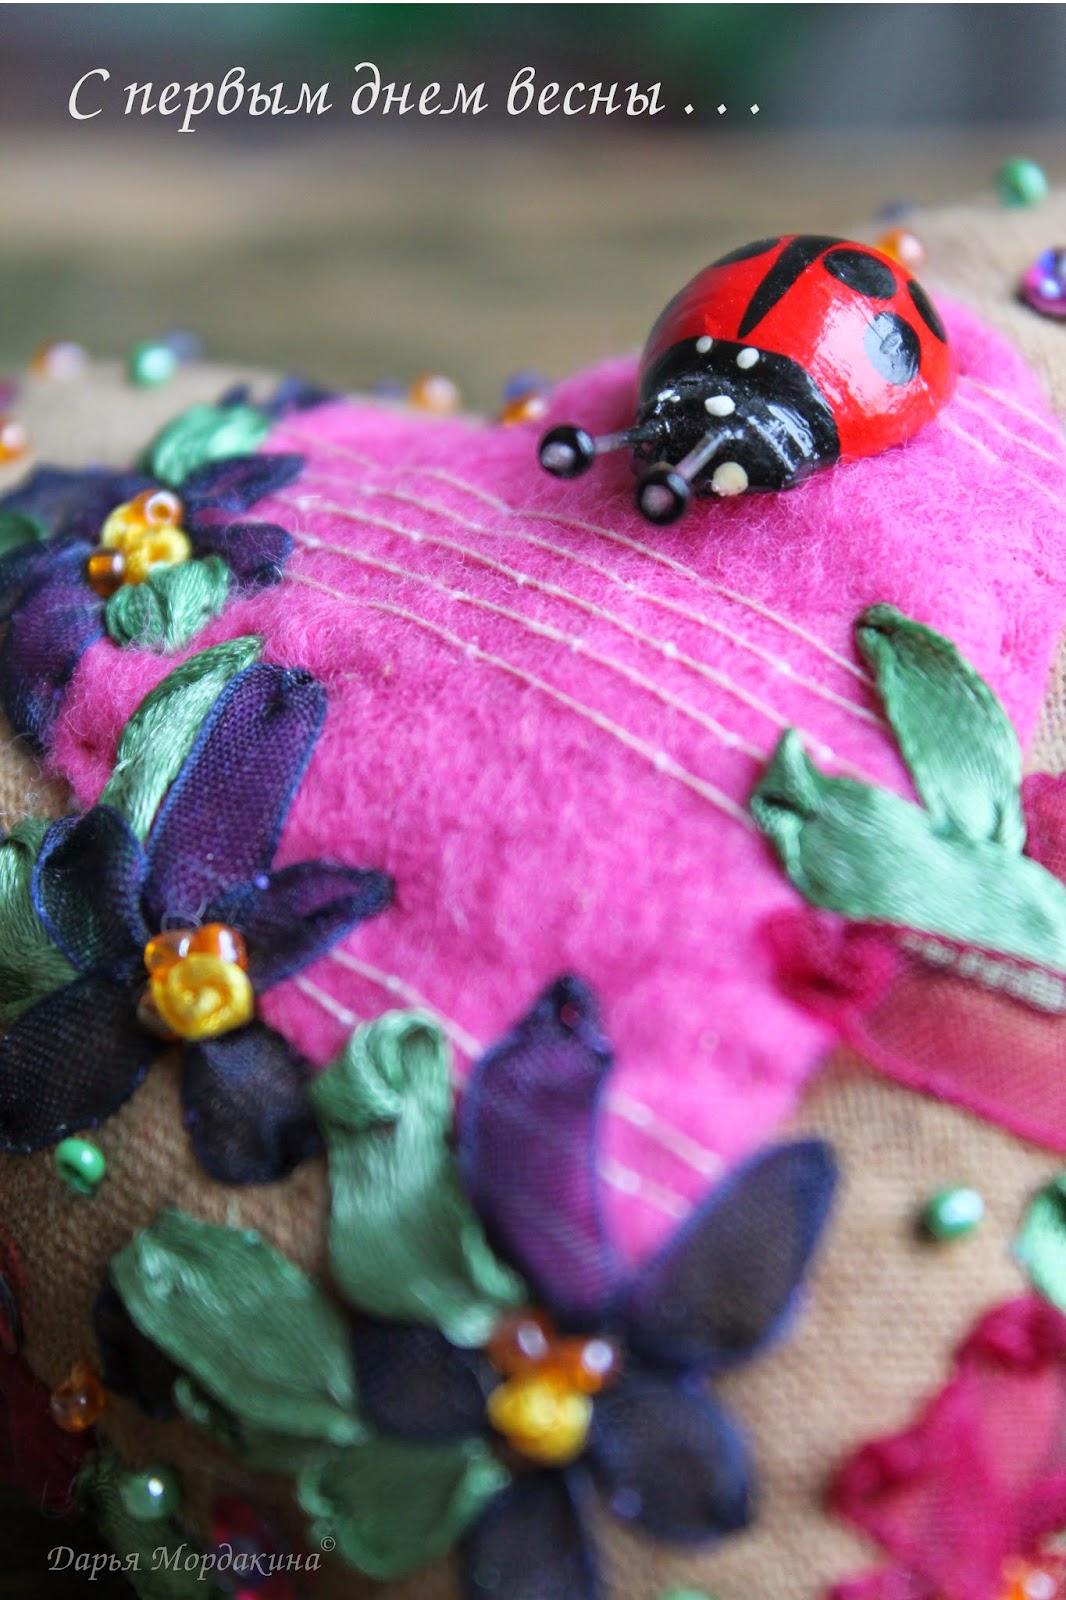 coffee, heart, textile, felt, кофе, весна, цветы, весеннии цветы, сердечко, фетр, вышивка, ленты, вышивка лентами, день влюбленных, текстильное сердечко